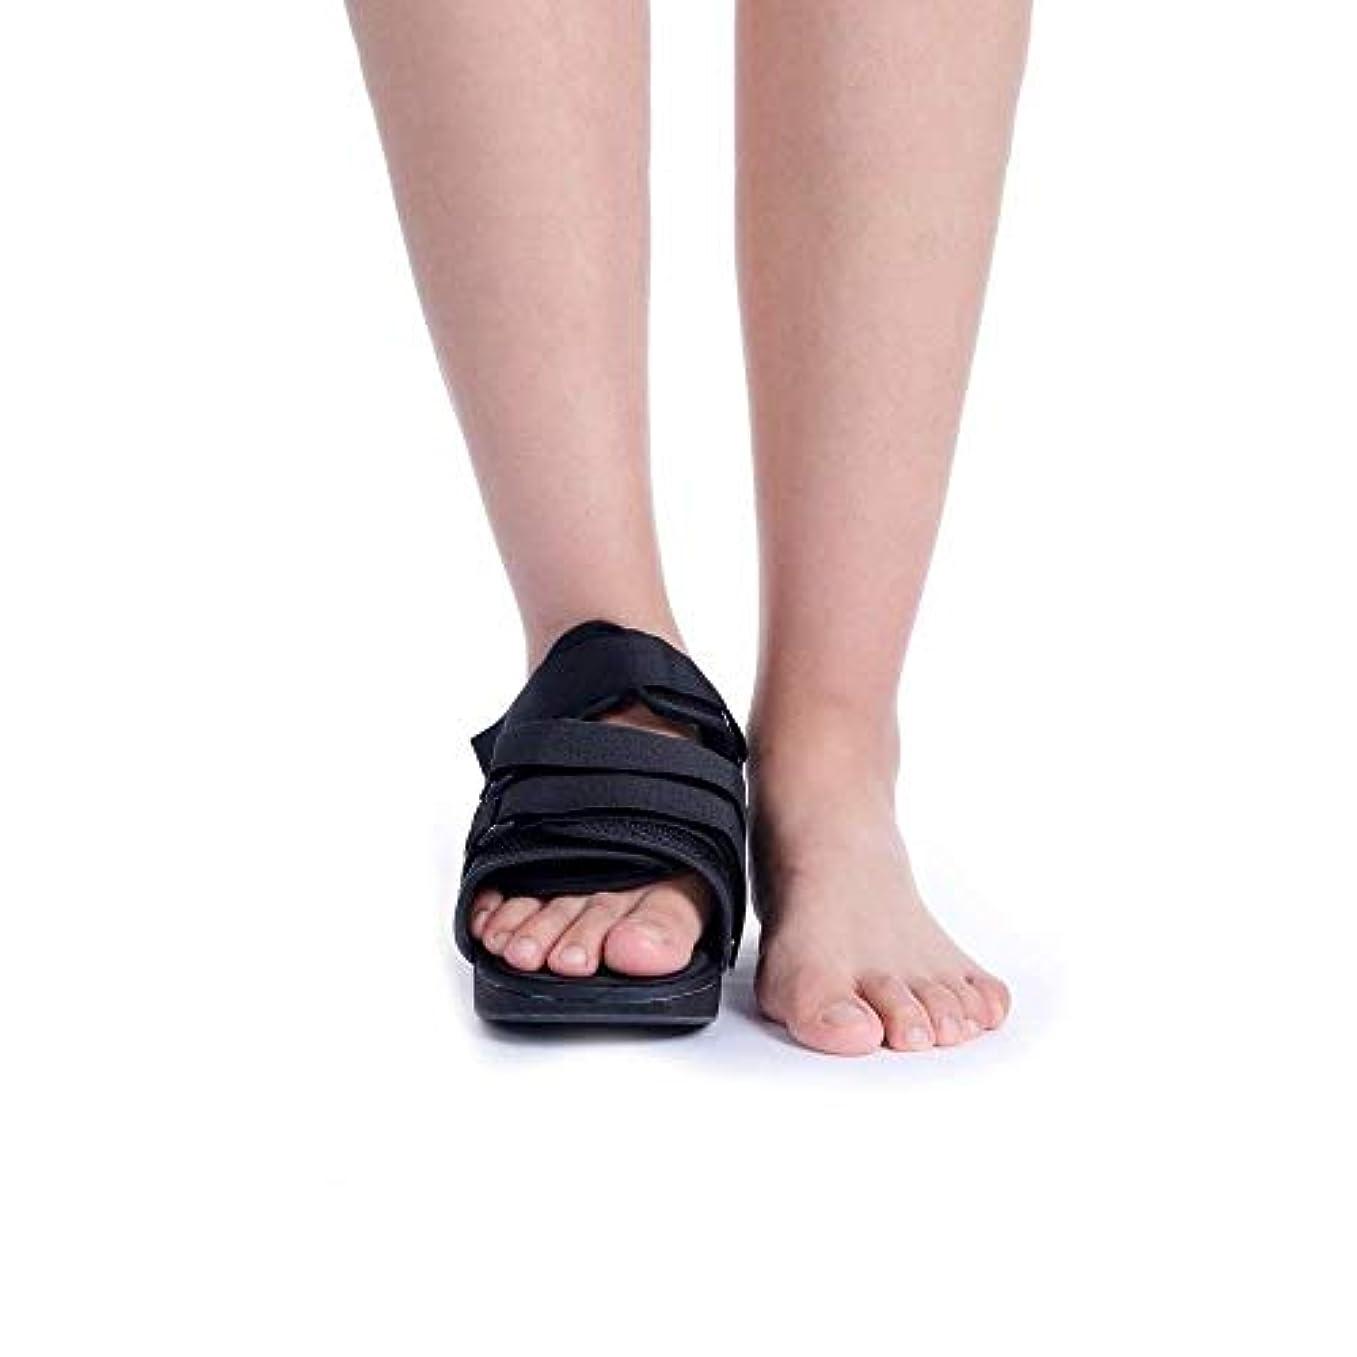 旅客文言首術後靴 - 従来の履物を使用することができない場合に、足またはつま先の手術/手術に最適です。 (Size : M)